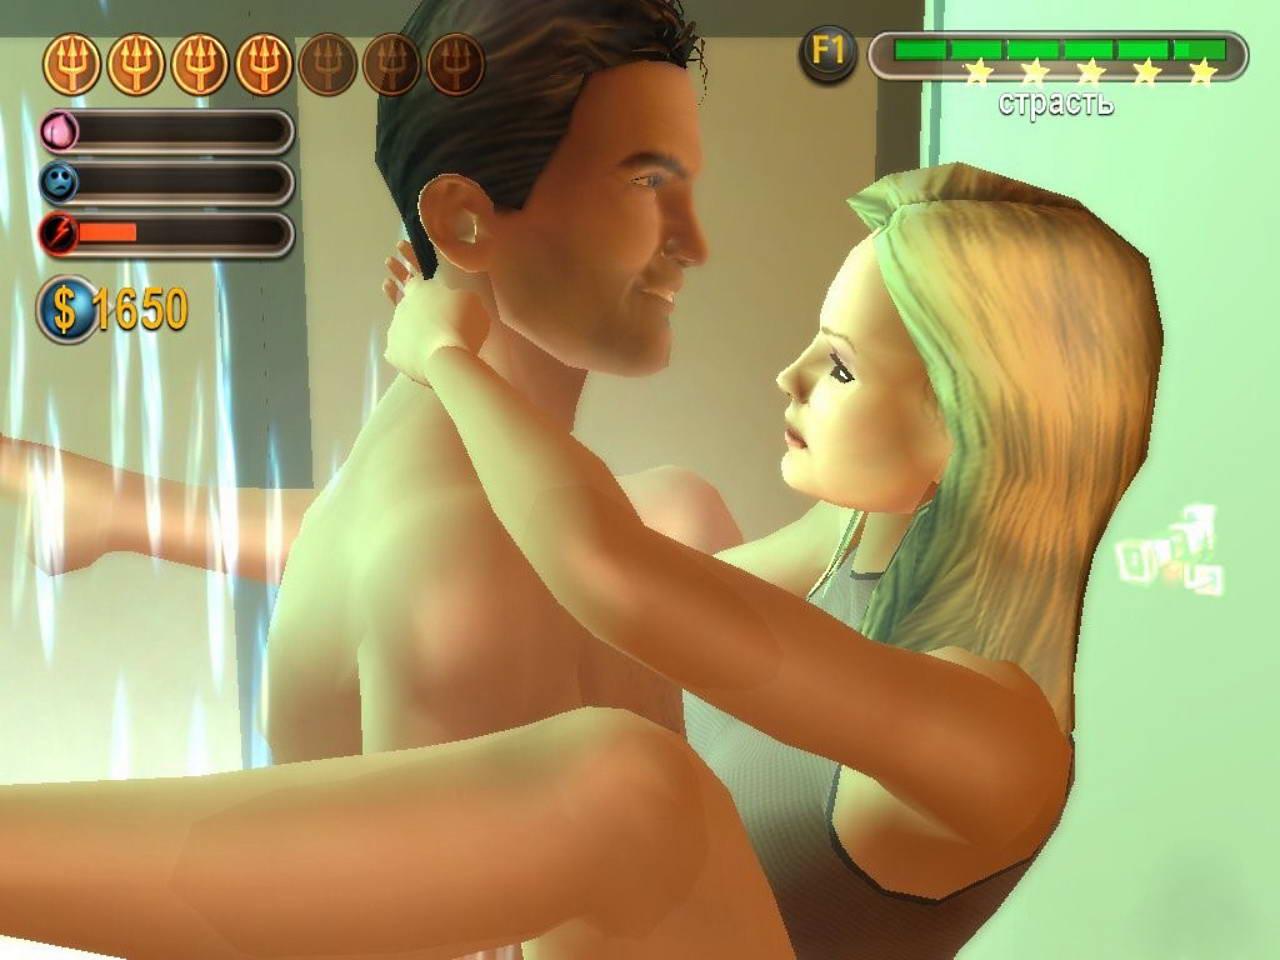 eroticheskie-igri-na-pk-besplatno